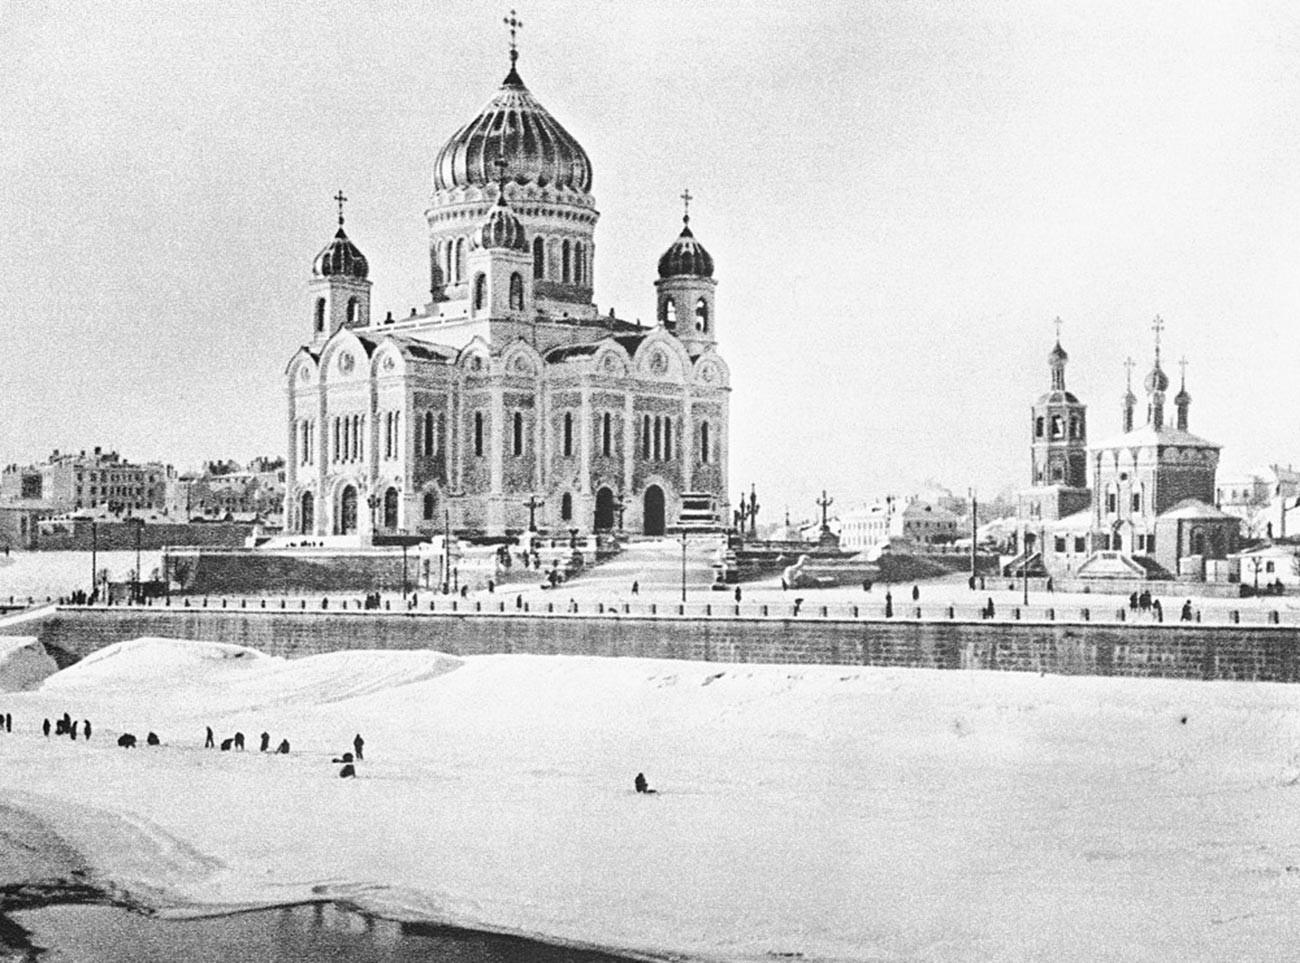 Katedral Kristus Sang Juru Selamat, 1927. Gereja ini dibangun untuk menghormati kemenangan dalam Perang Patriotik 1812.